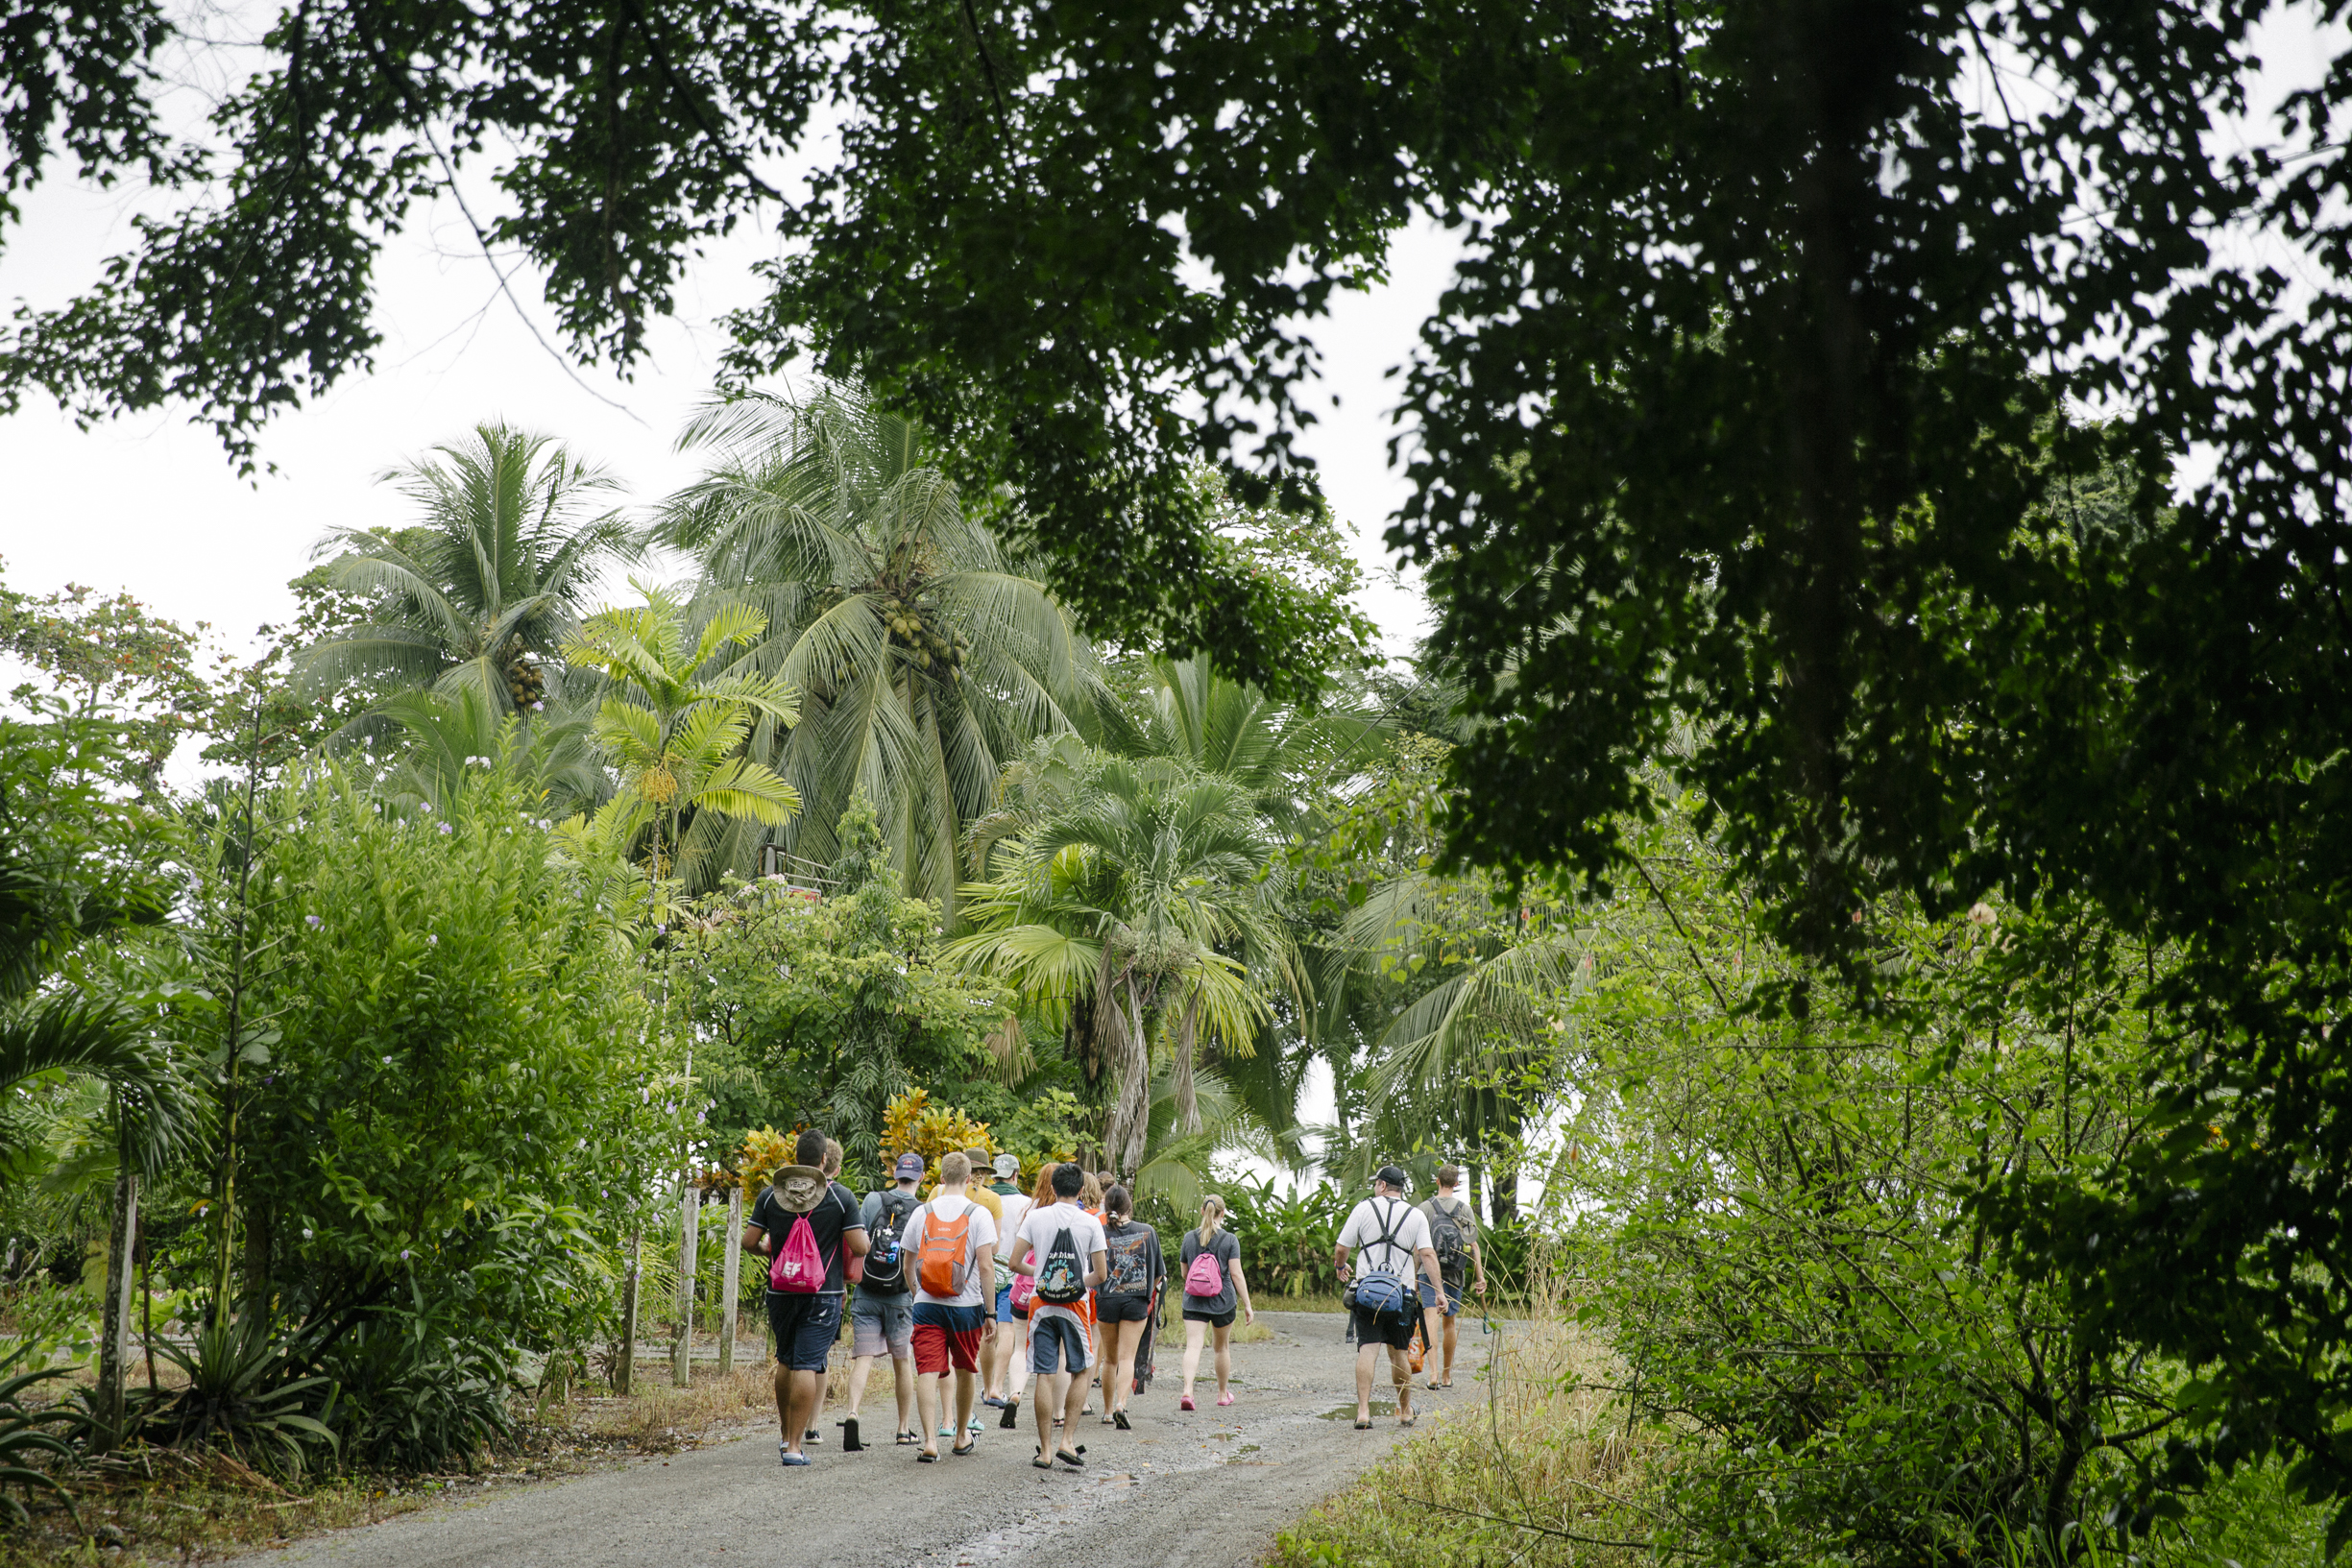 Gap Year Program - EF Gap Year: Costa Rica Immersion  2